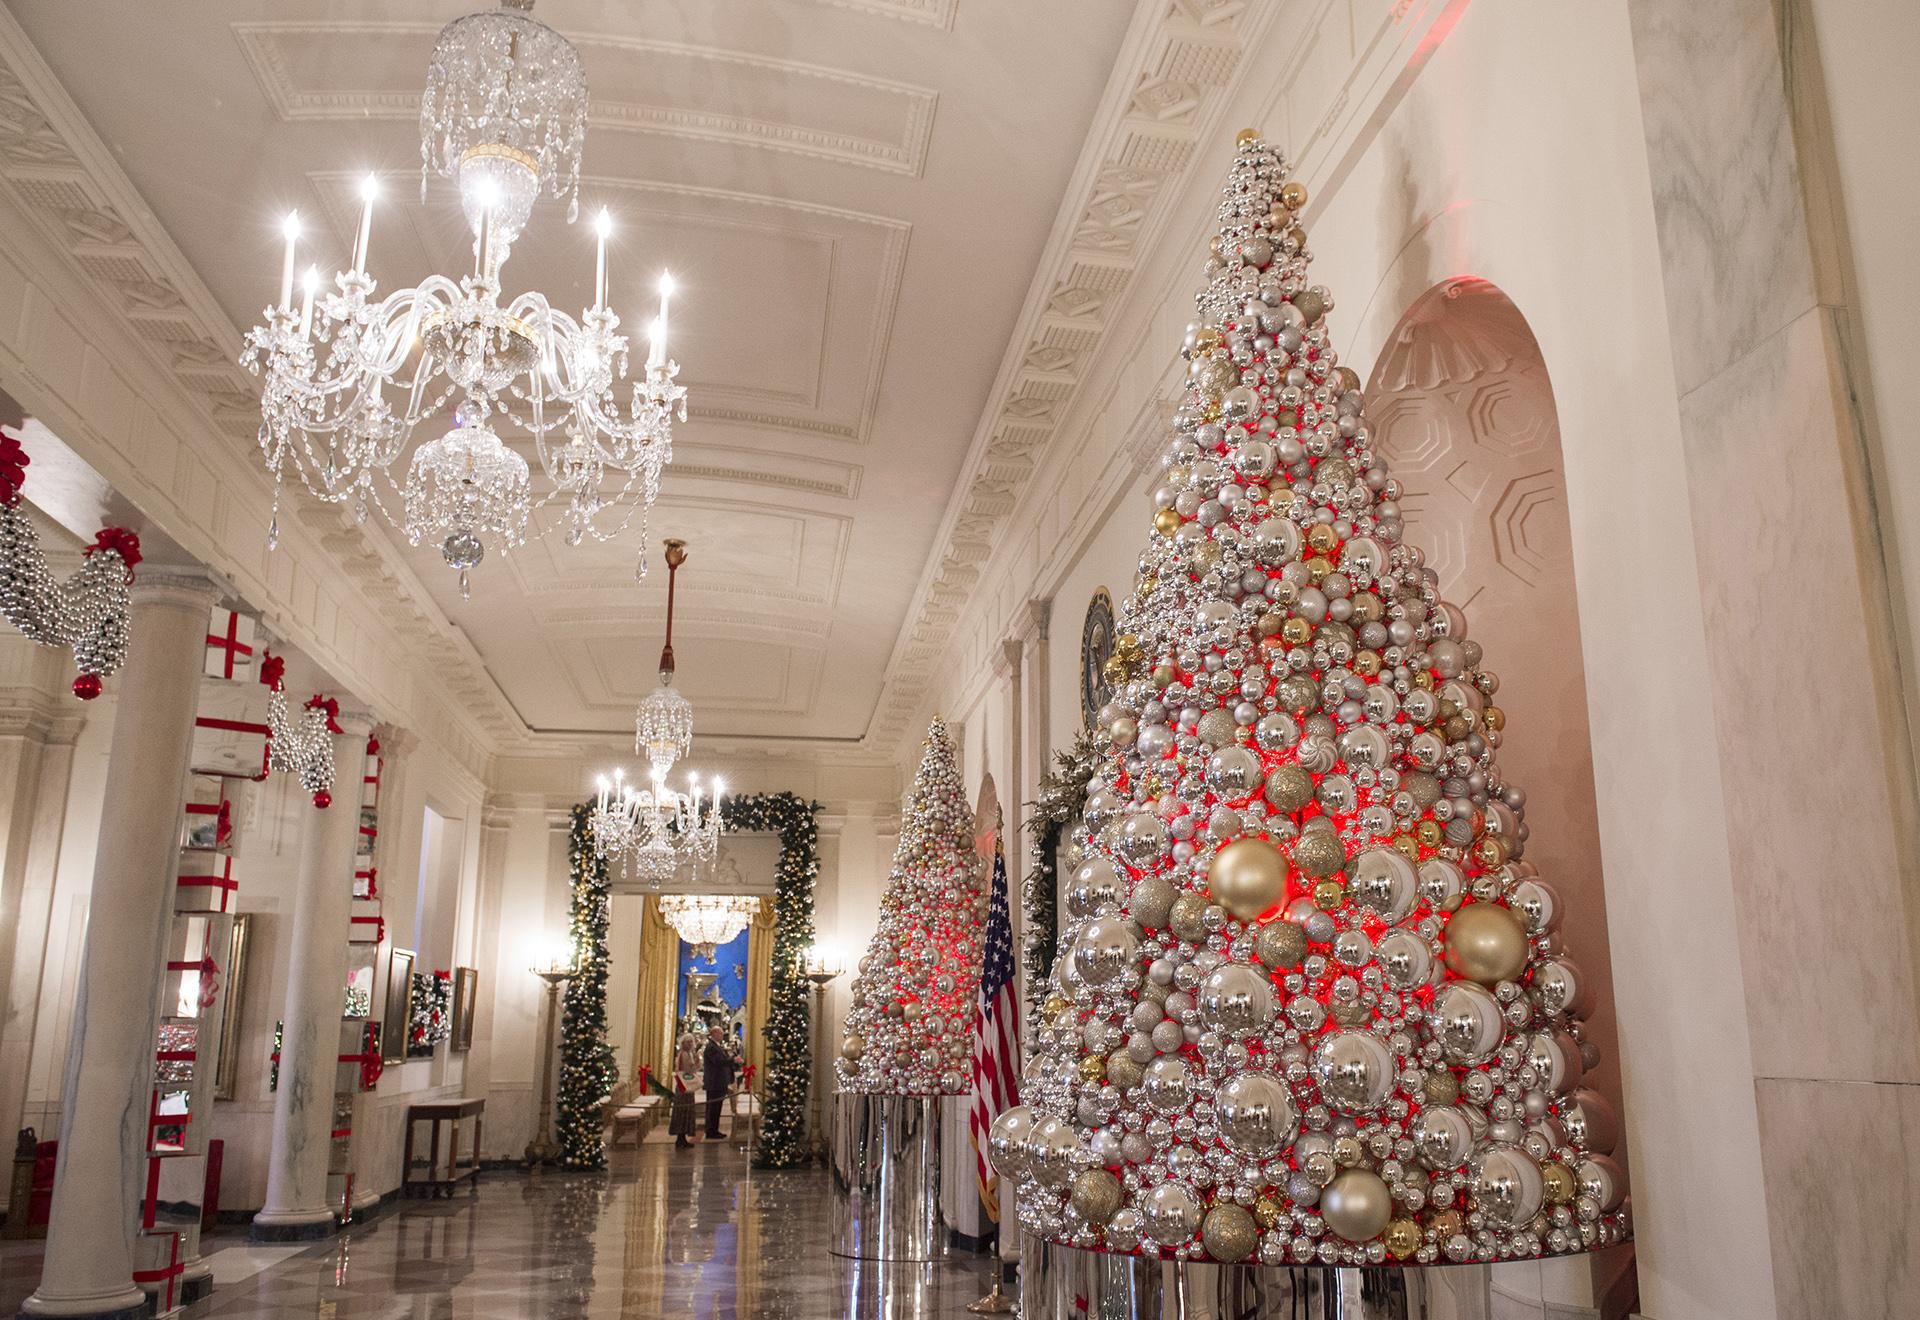 Algunos de los árboles que se pueden encontrar por los pasillos y salones de la residencia oficial